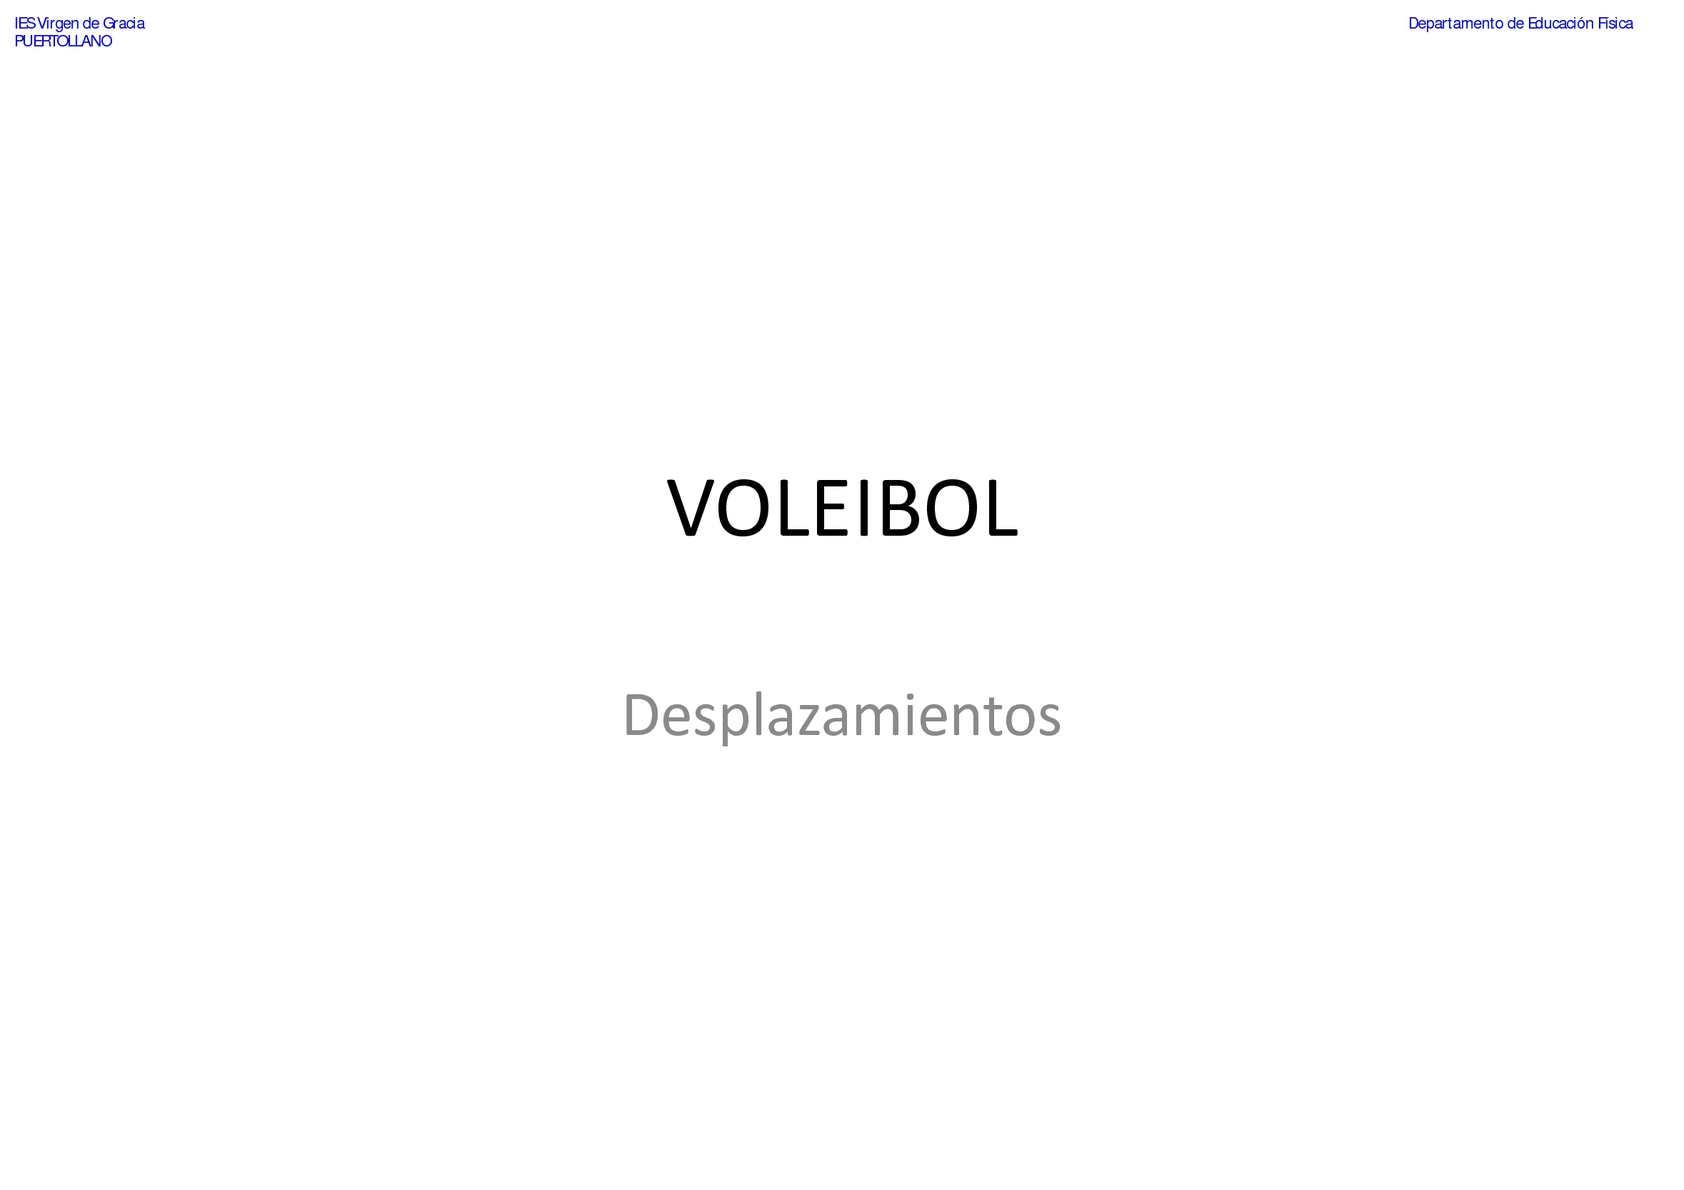 VOLEIBOL-Desplazamientos